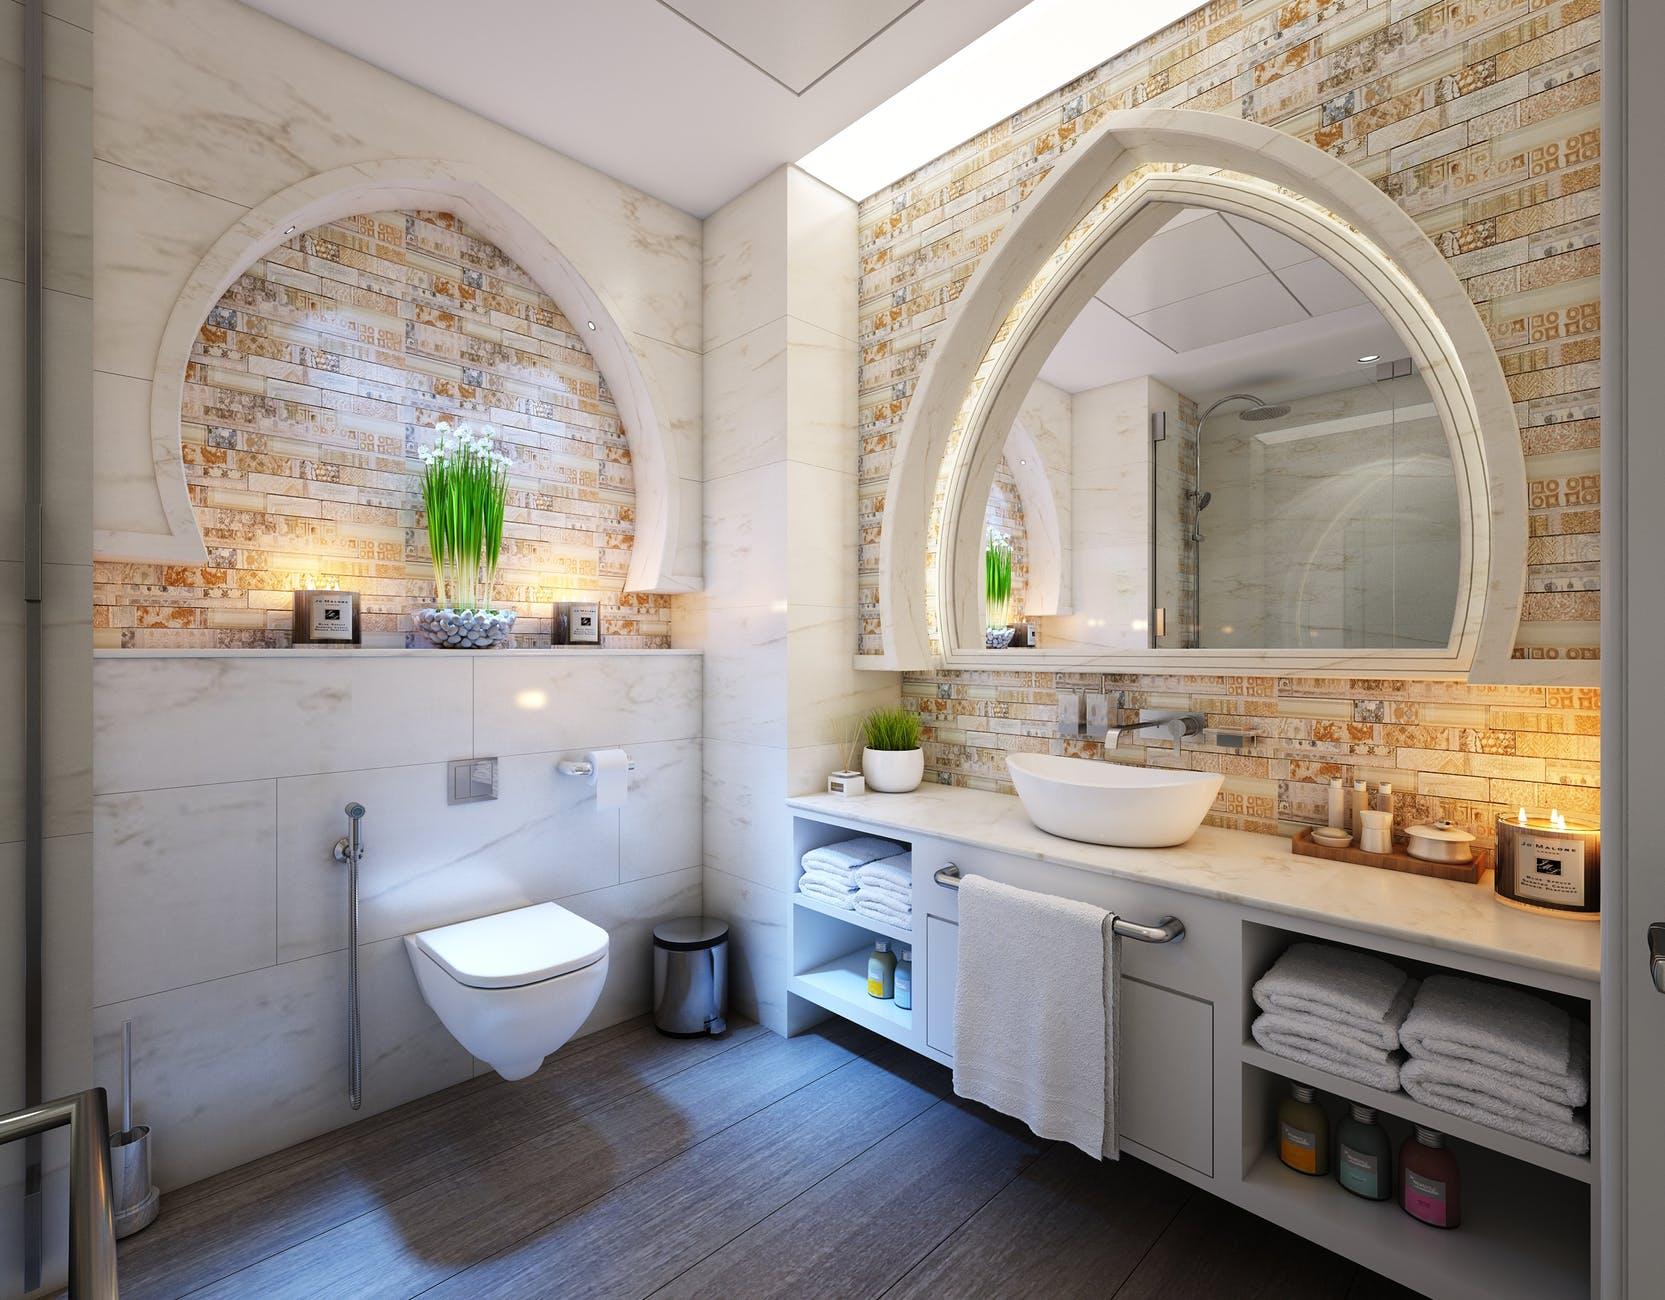 Salle De Bain Revetement quel revêtement de sols pour sa salle de bain ? | alors btp